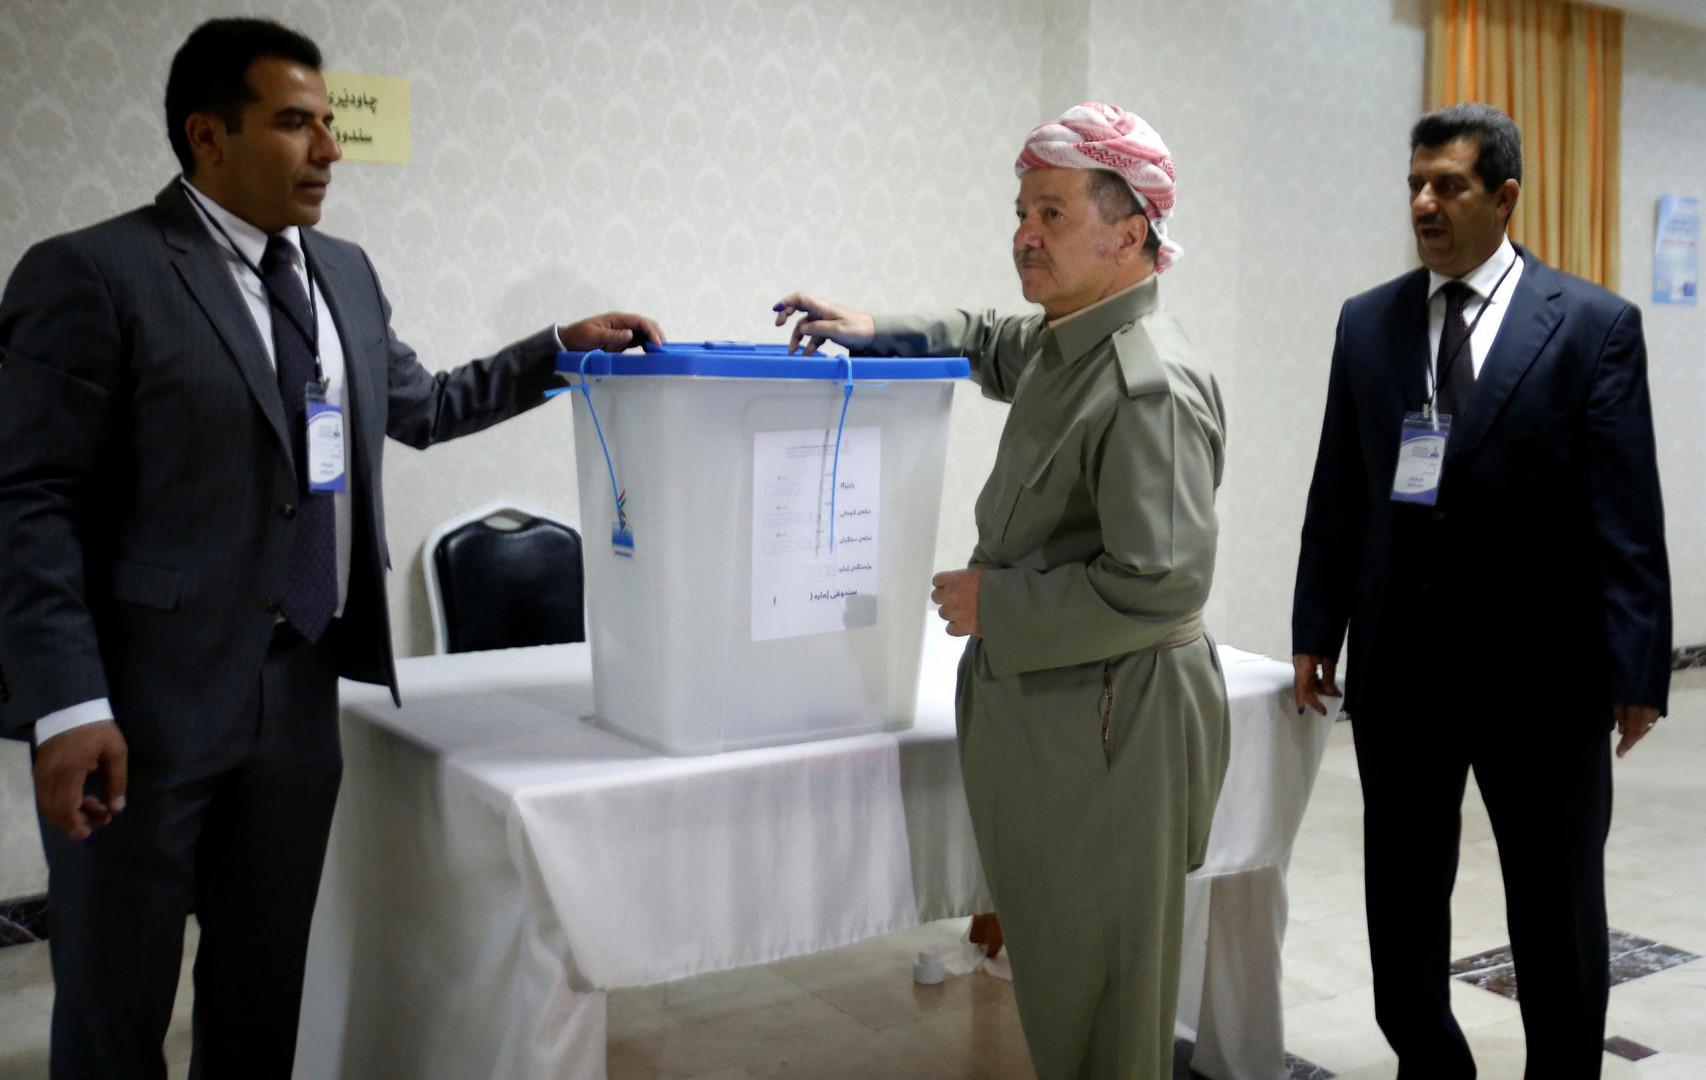 بعد أن حل رابعاً.. الديمقراطي الكوردستاني يدرس خطوات ما بعد الانتخابات